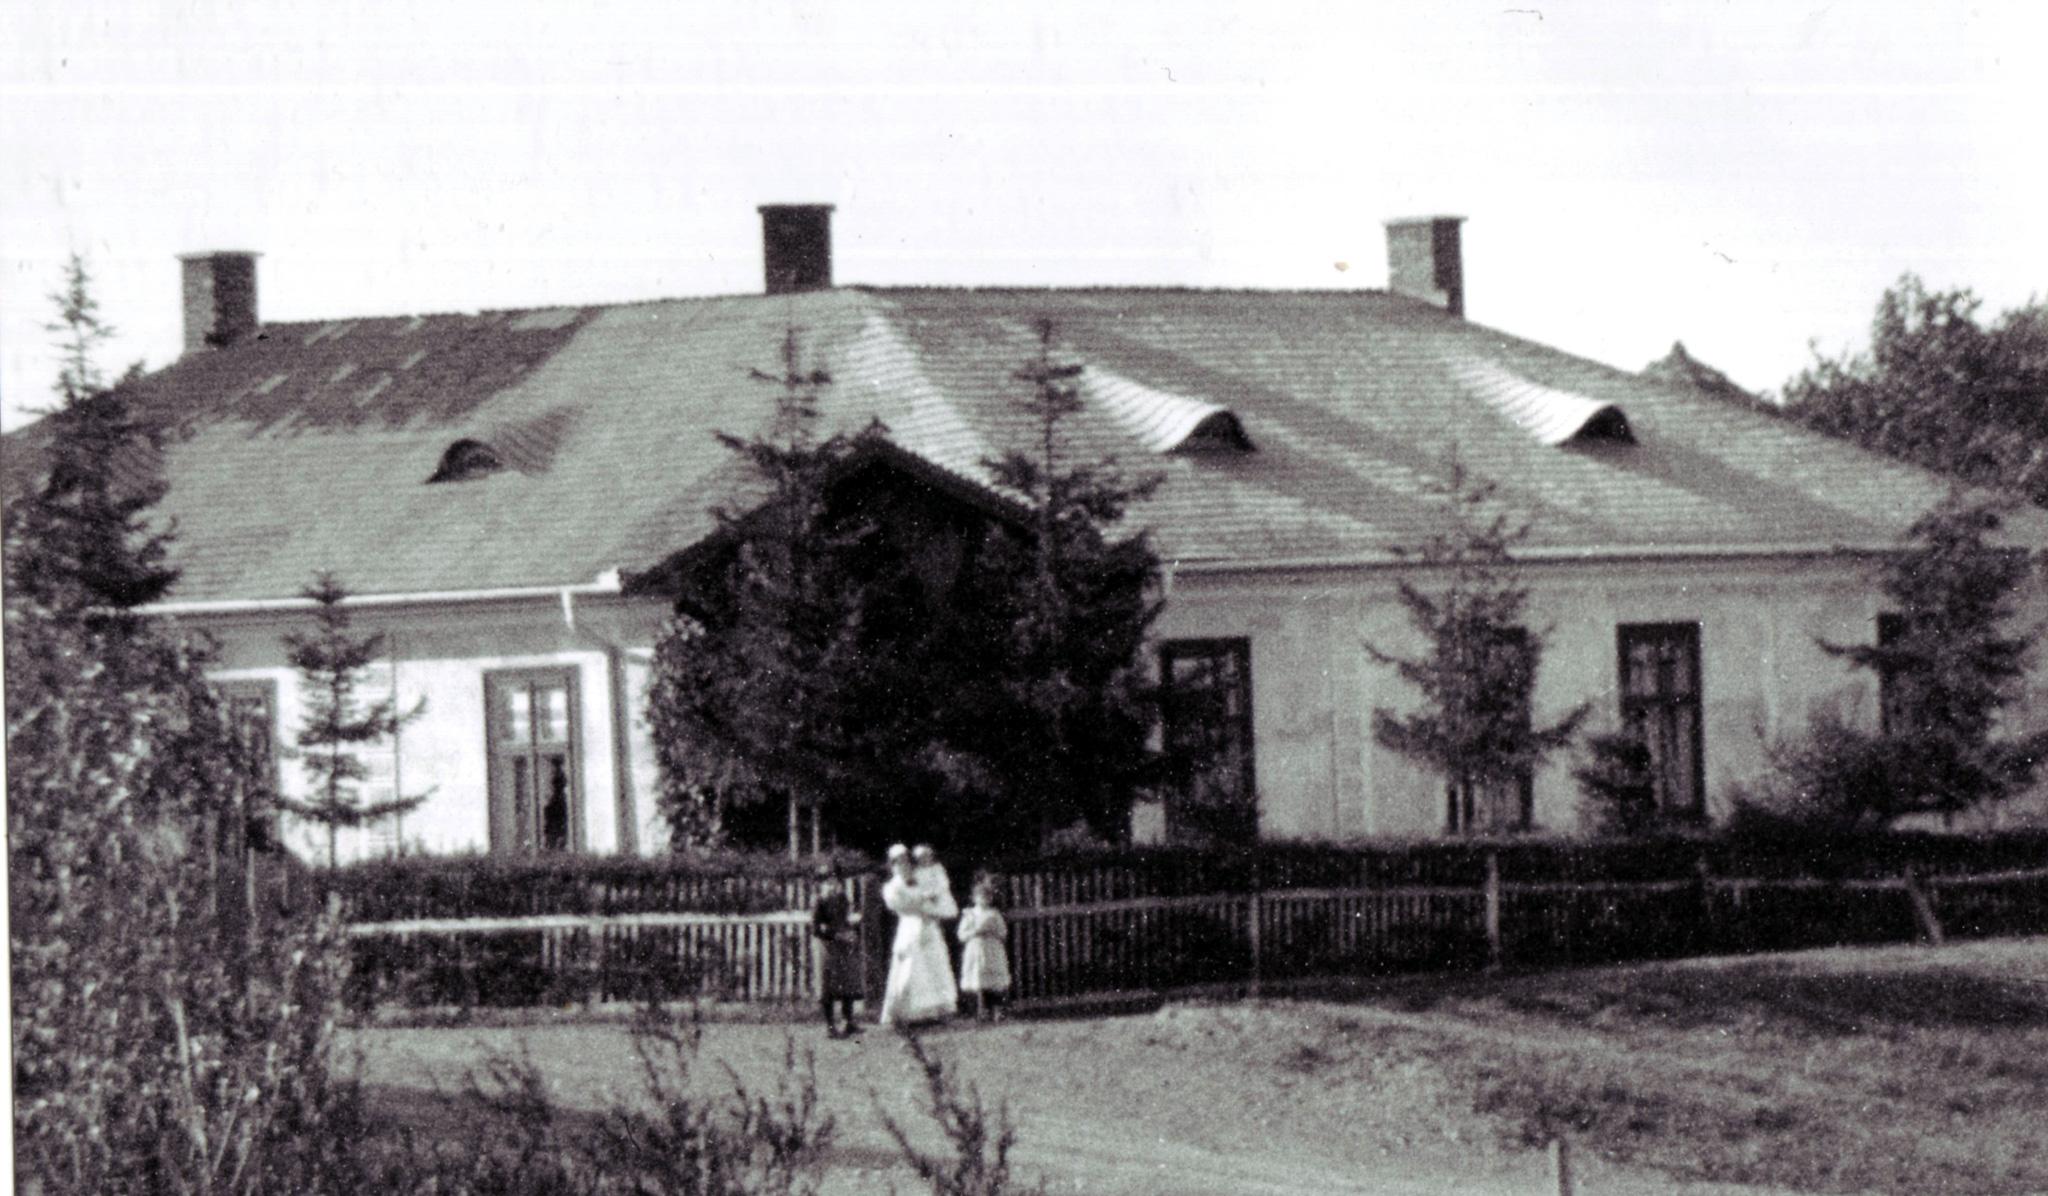 Perkins House in Stryj